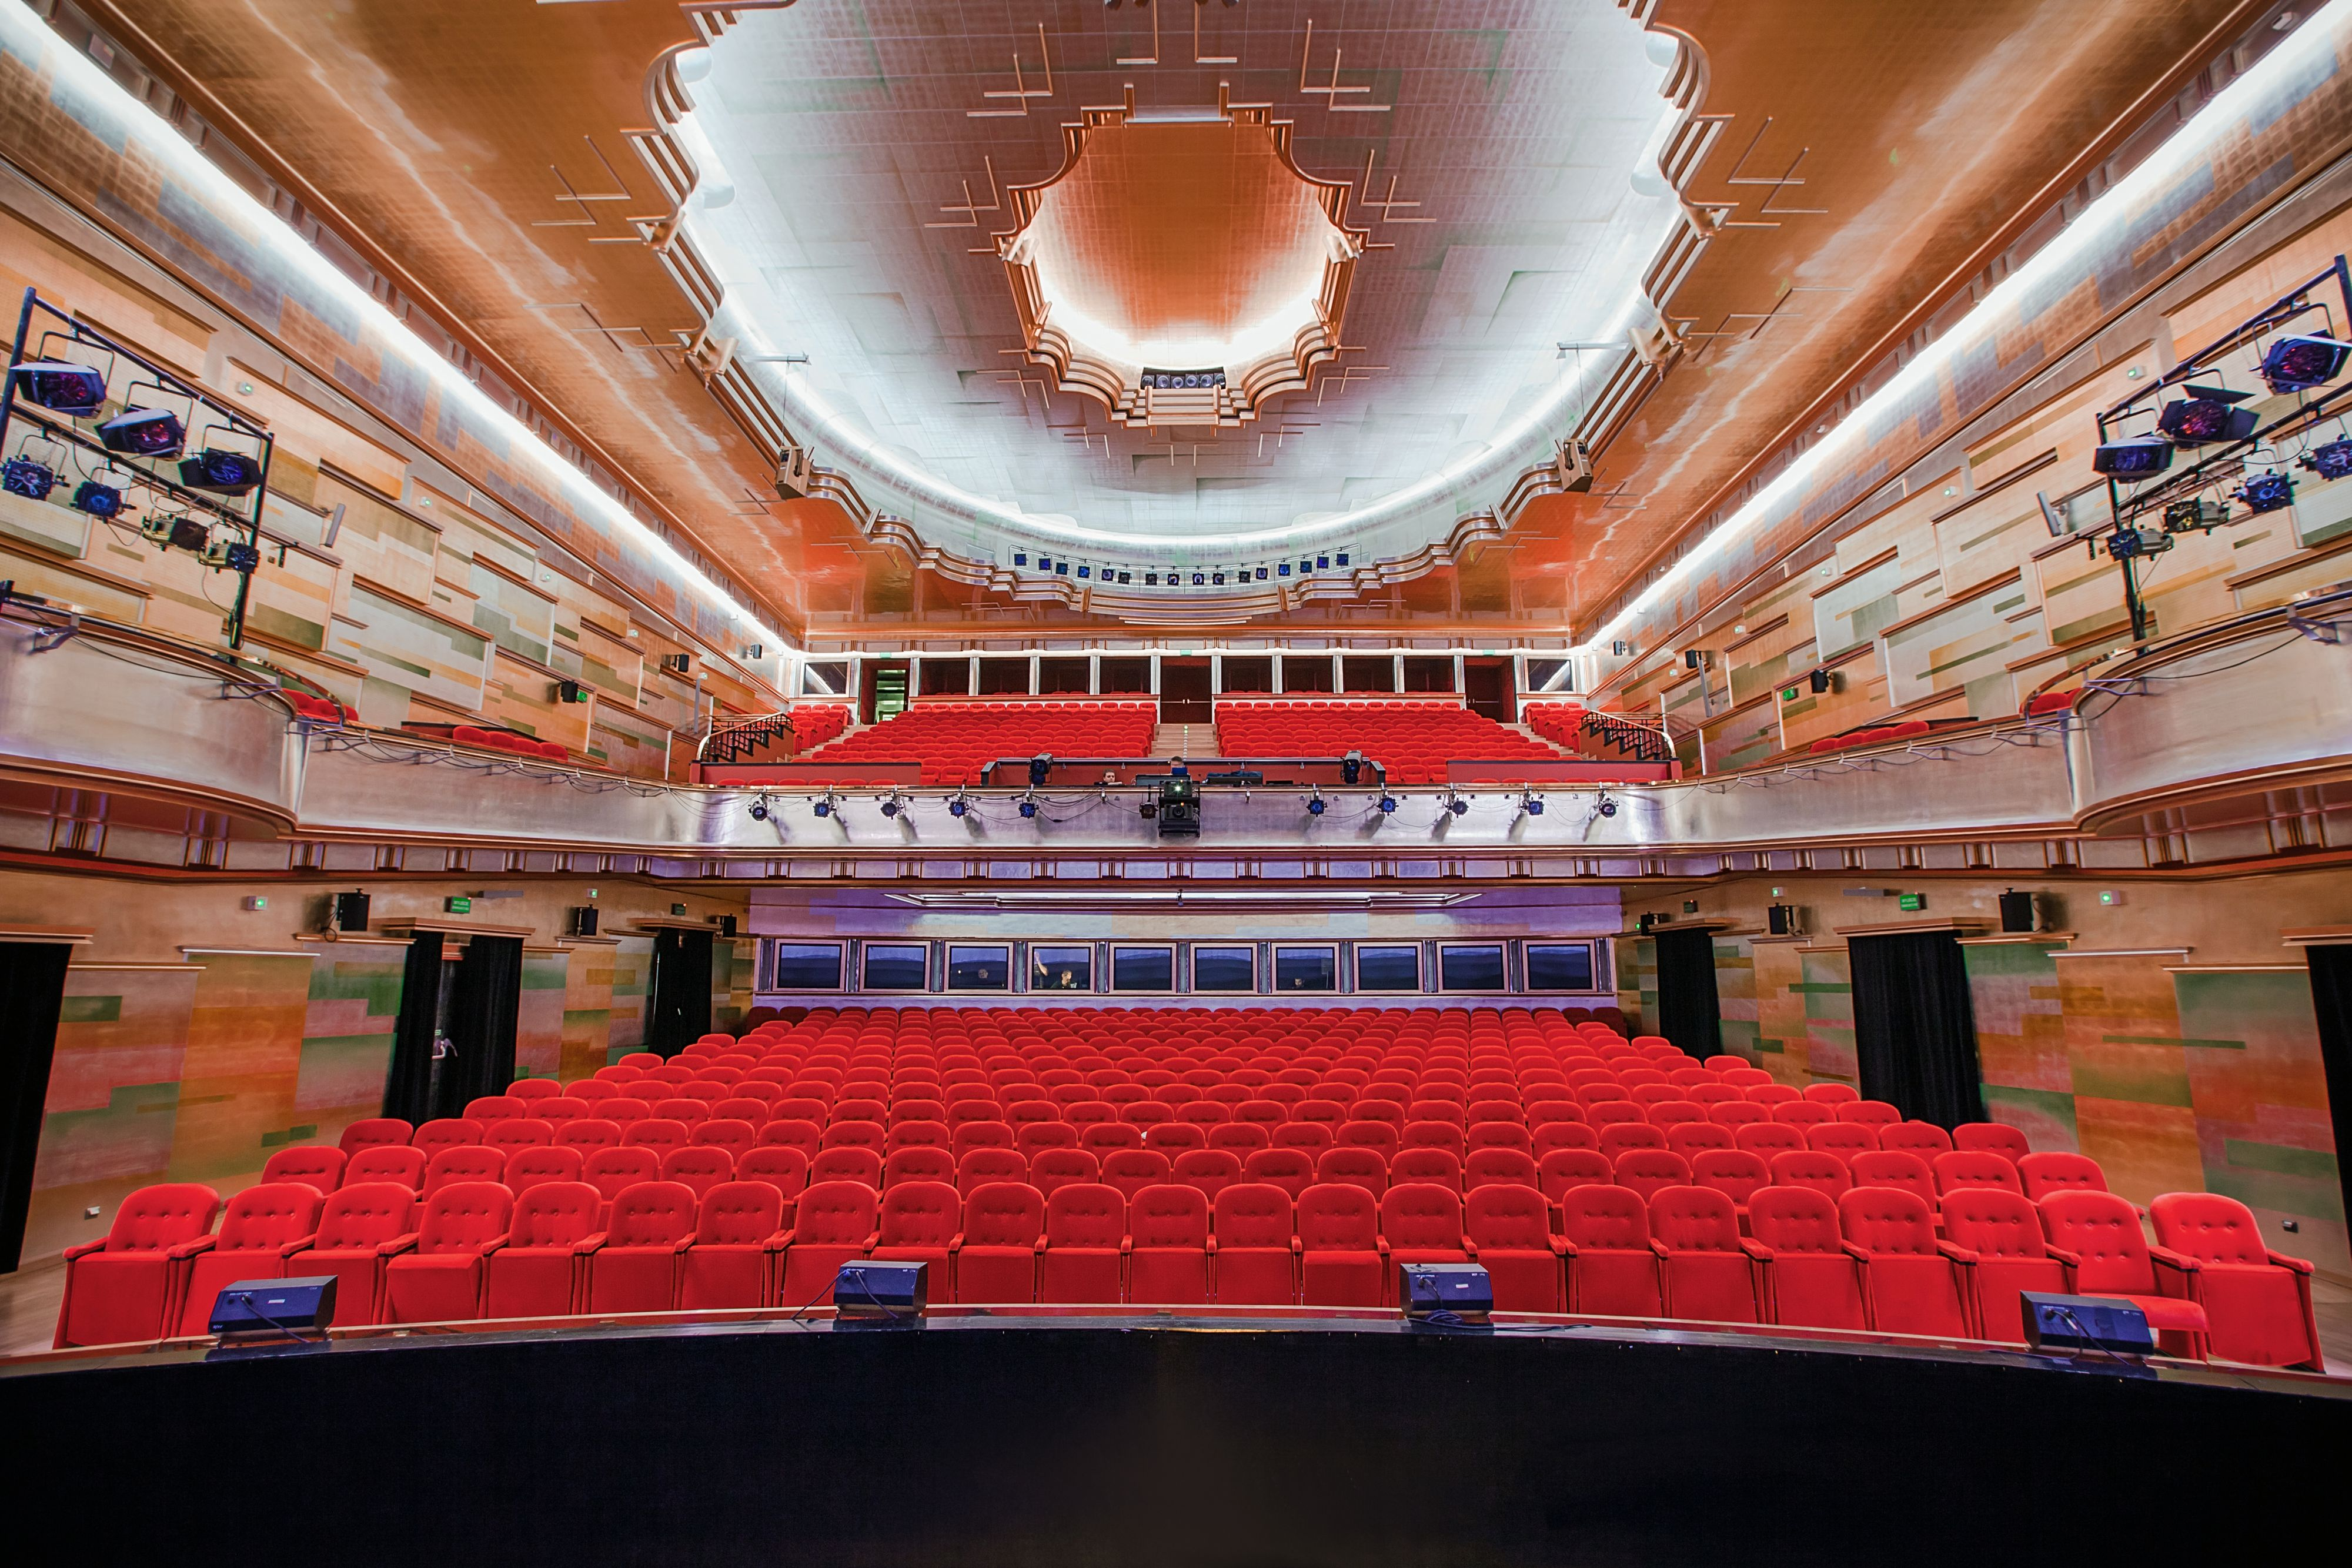 Teatr Muzyczny Capitol We Wrocławiu Mostrowskim Ostrowski Sp J